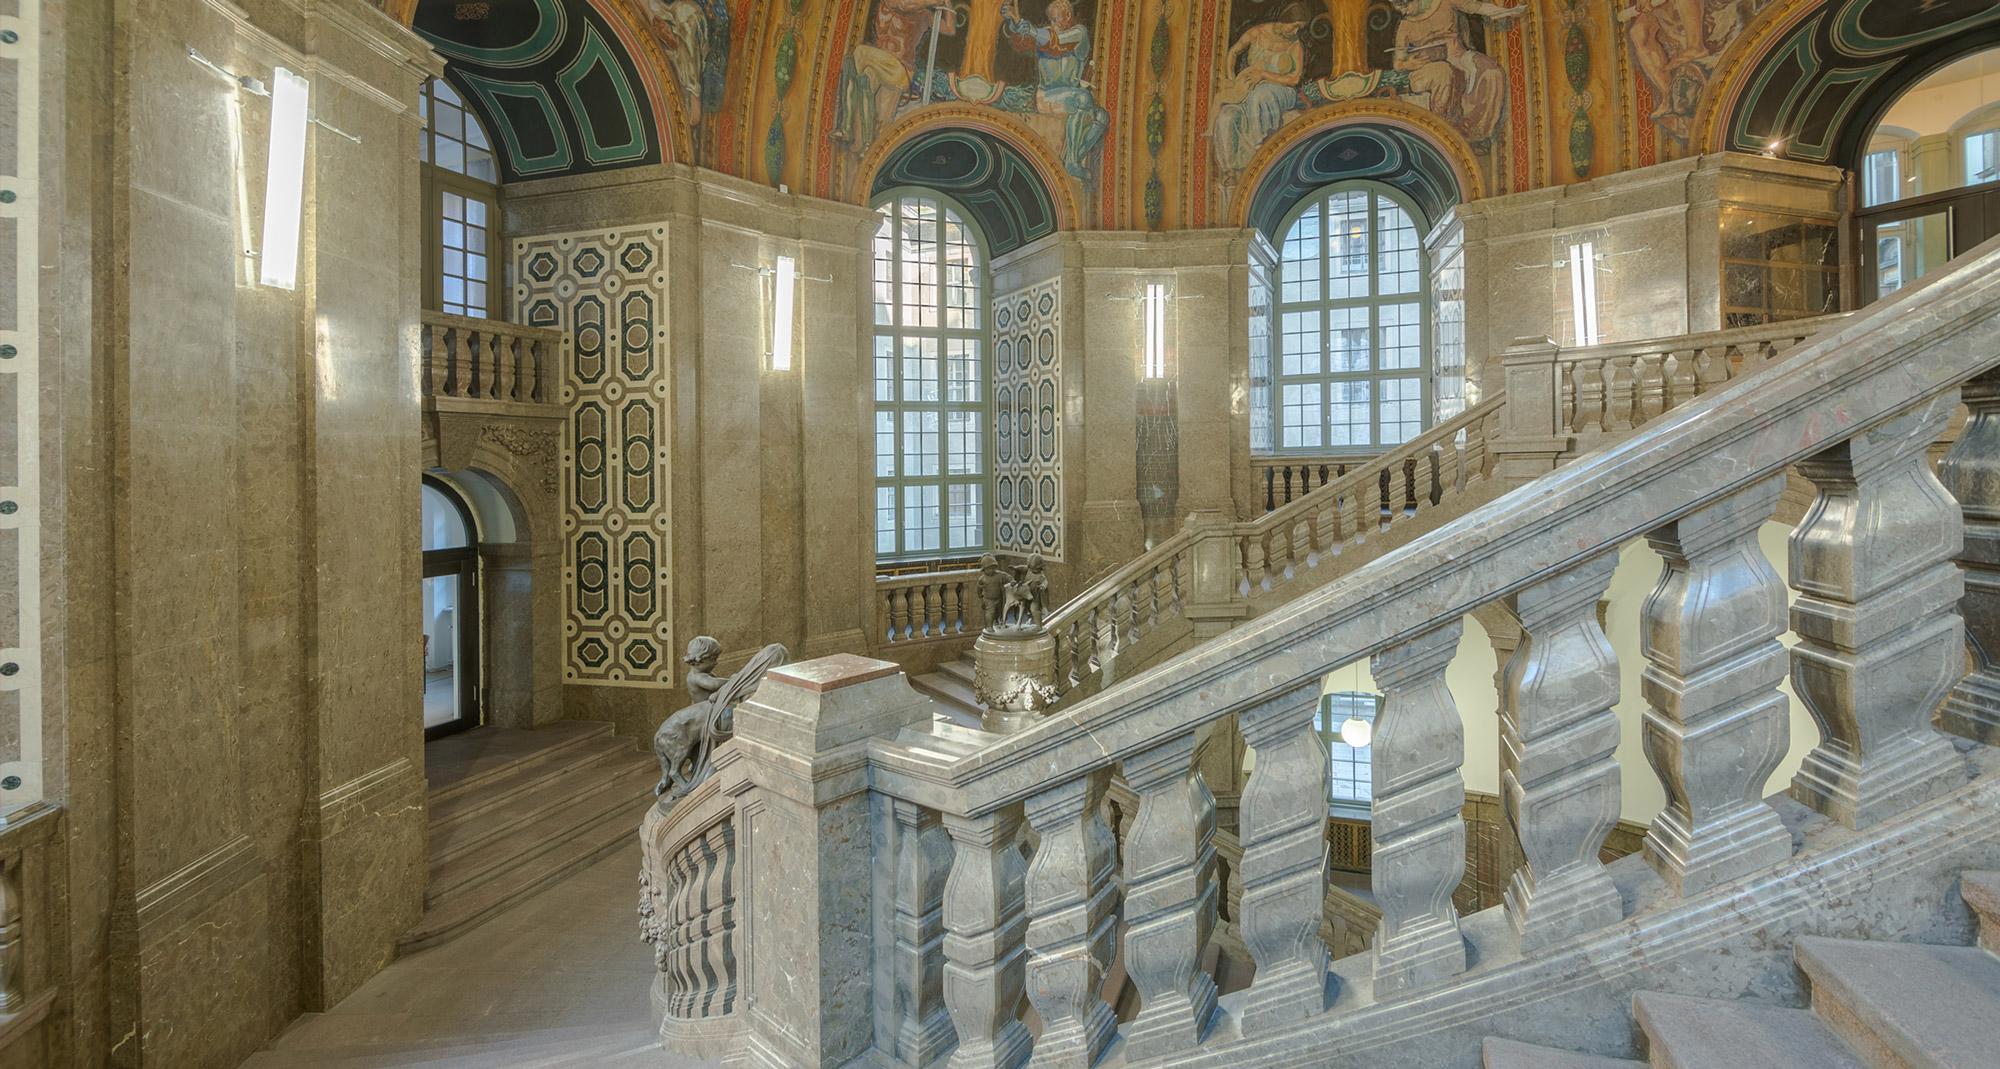 Raumimpression mit Balustrade - Neues Rathaus Dresden